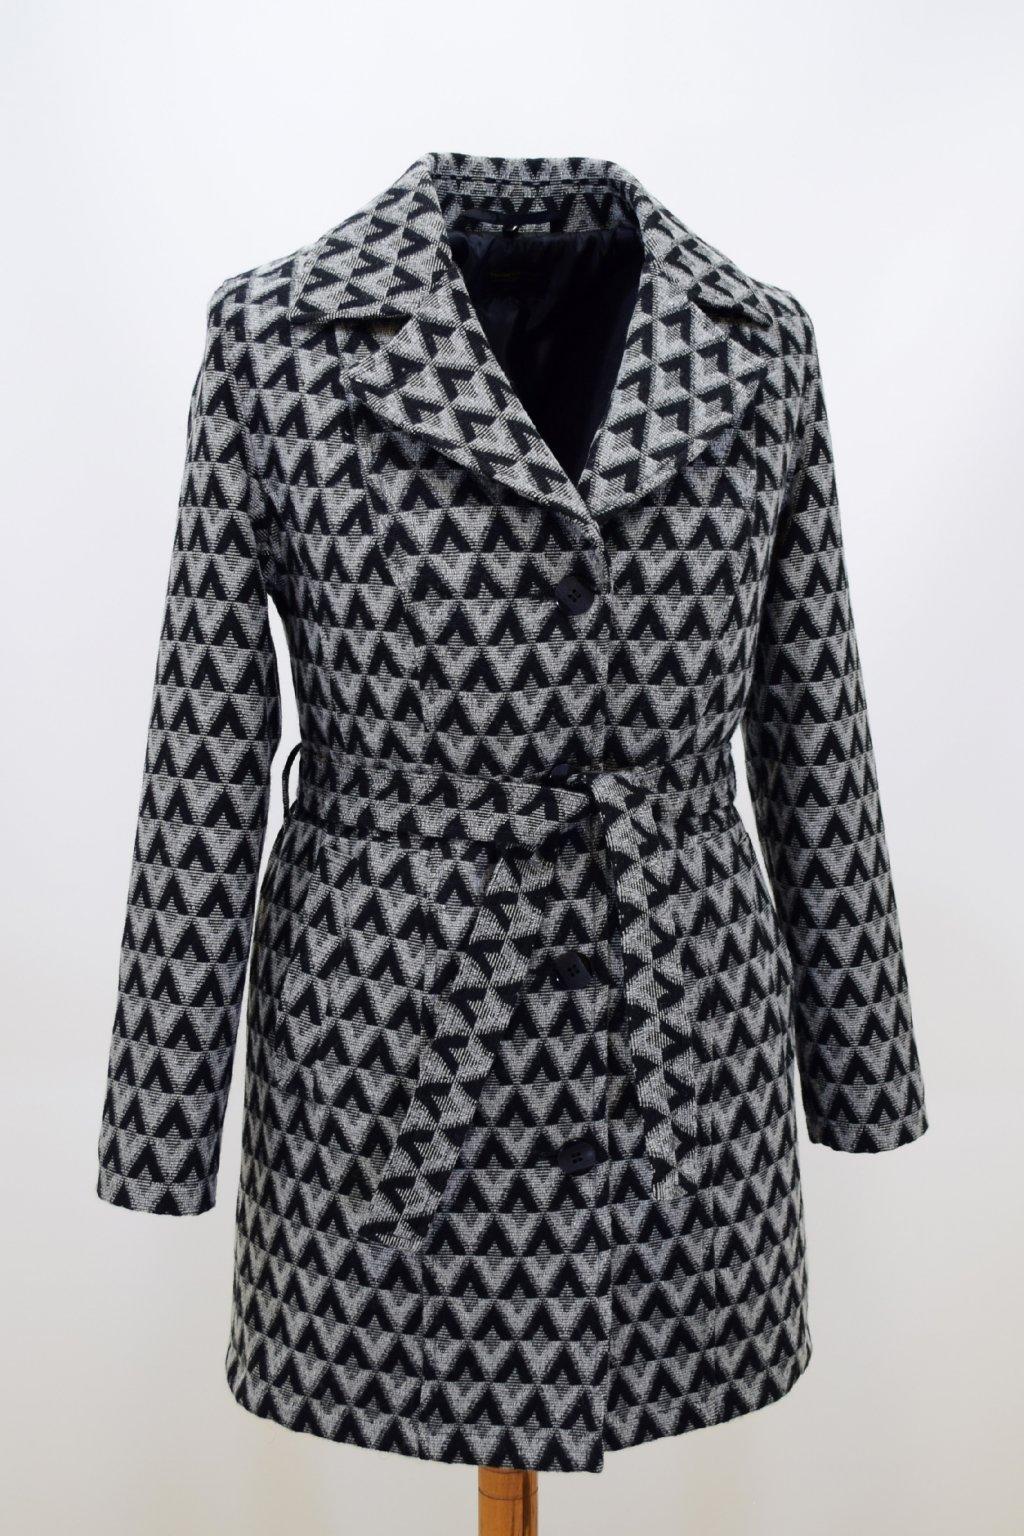 Dámský zimní šedý kostkovaný kabát Julie.